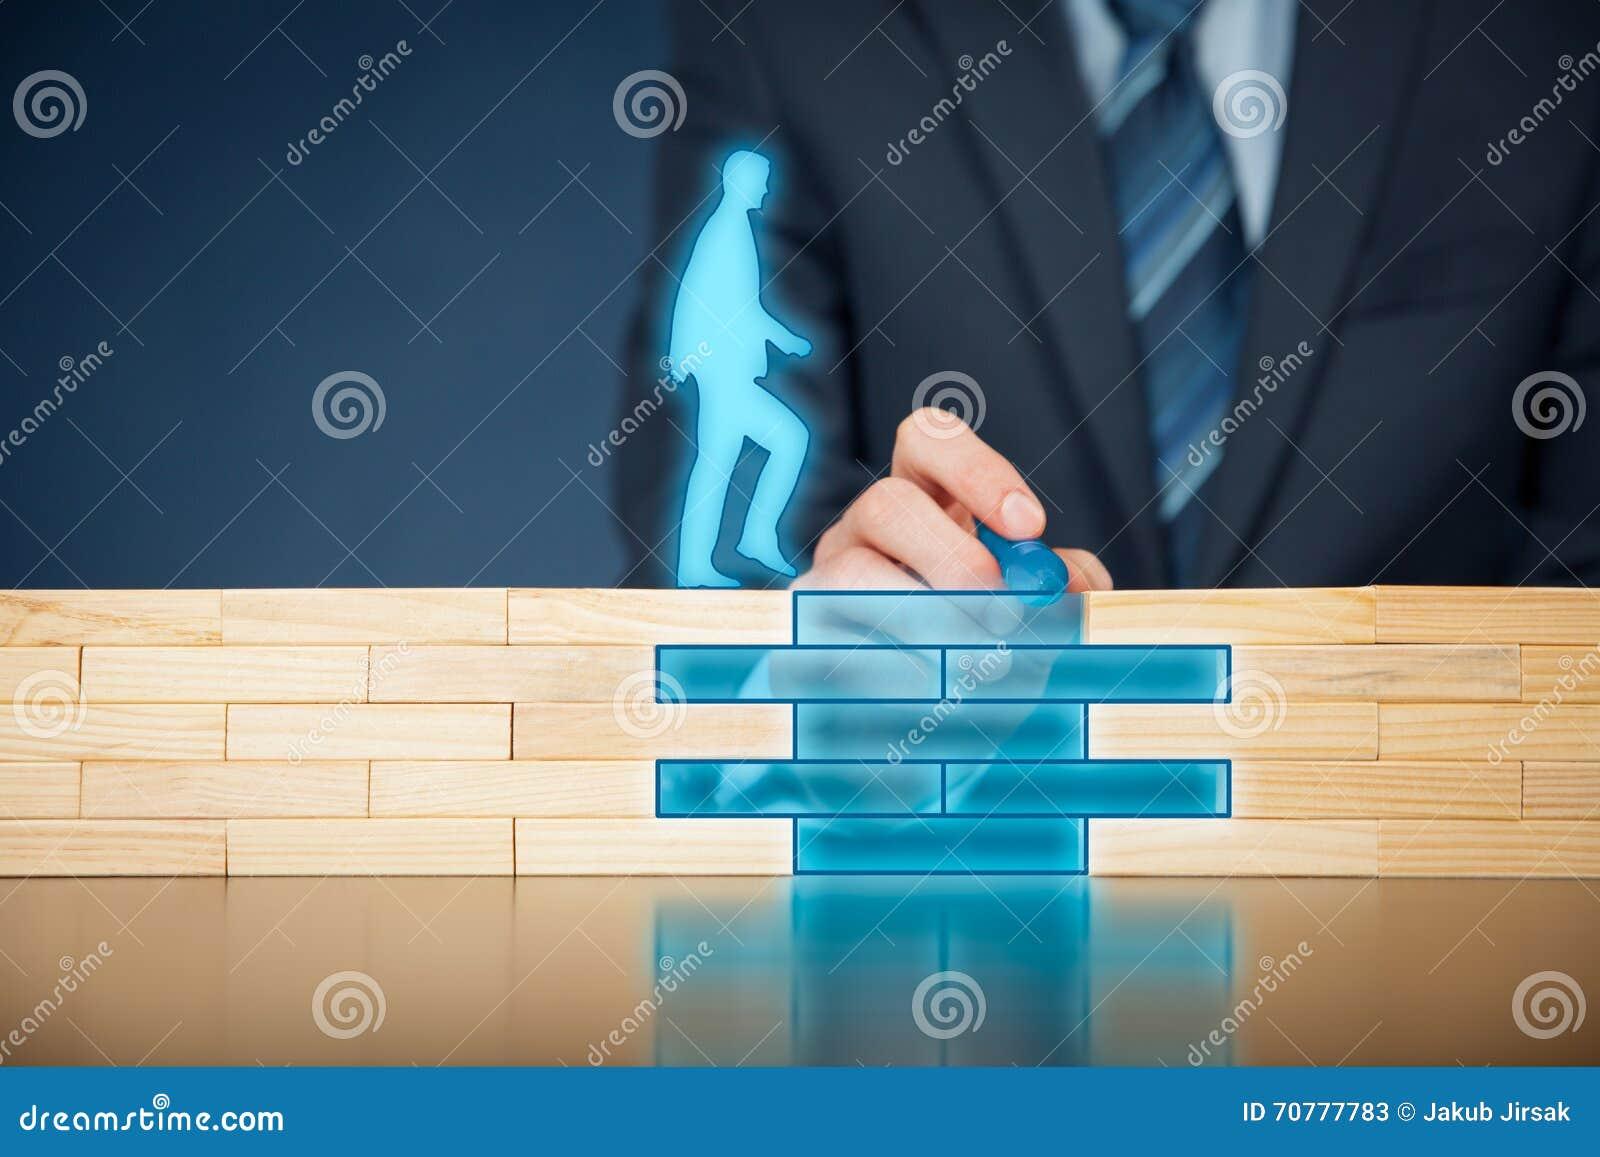 Seguro e gestão de riscos